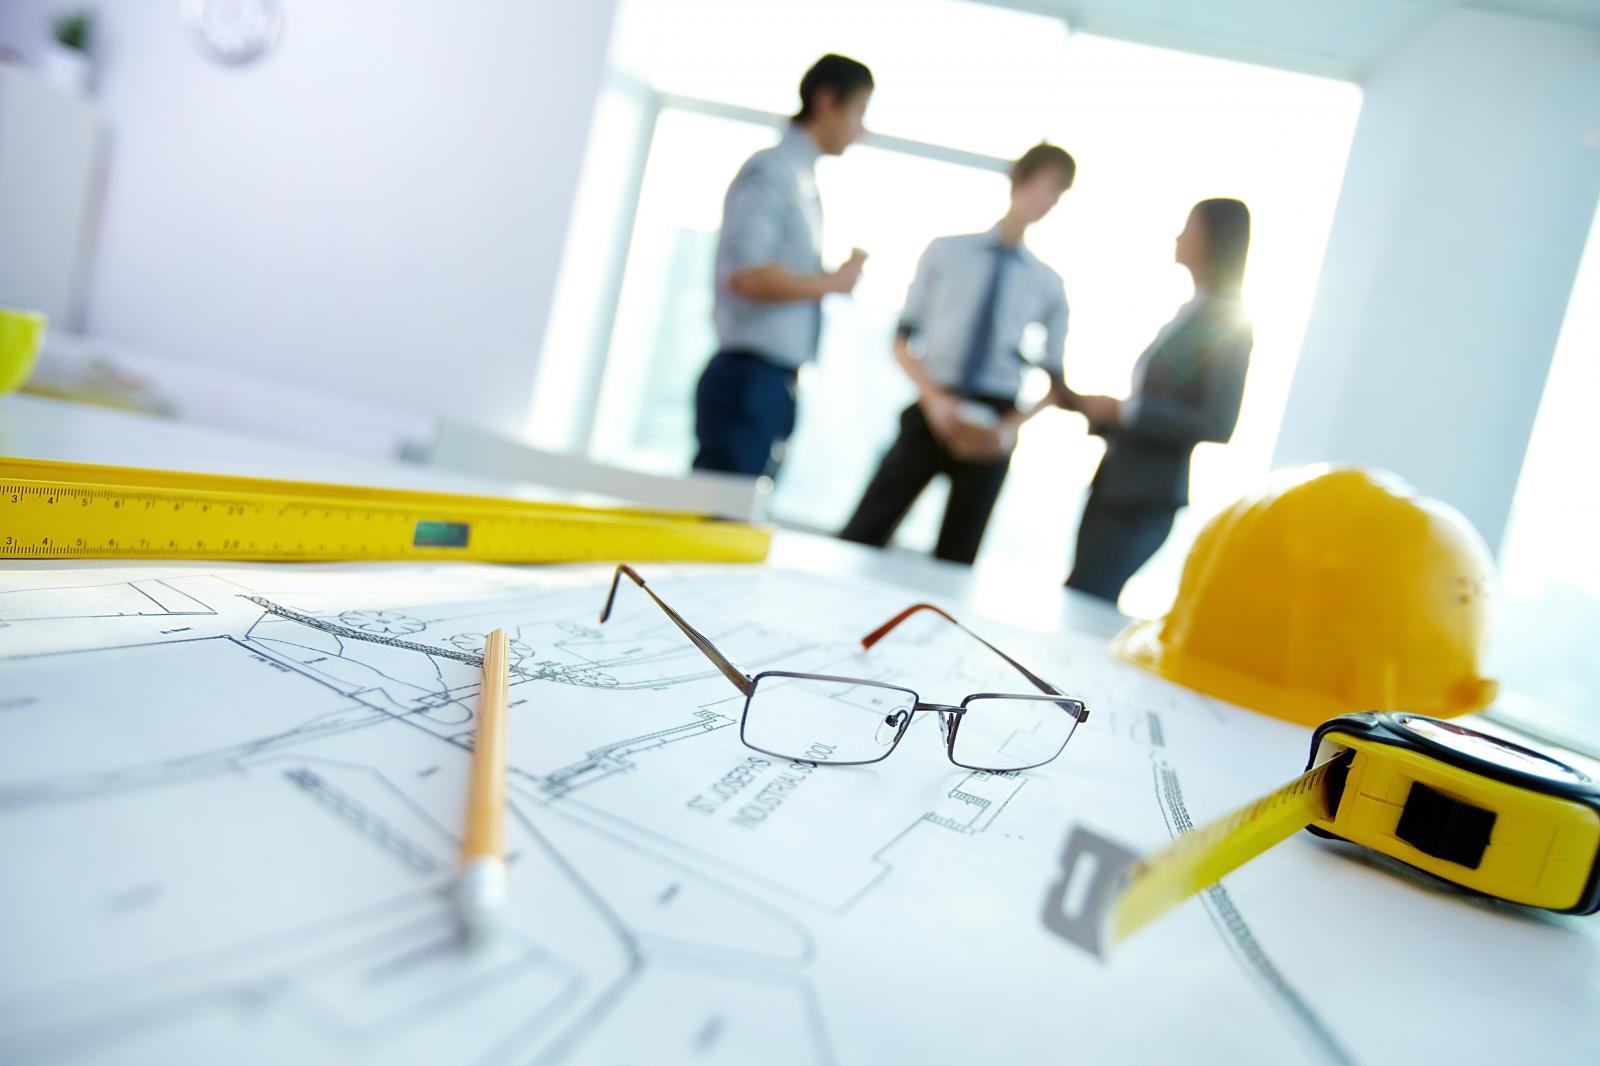 """3 dạng """"cải tạo nhà – cho thuê"""" giúp các nhà đầu tư kiếm hàng chục triệu mỗi tháng"""